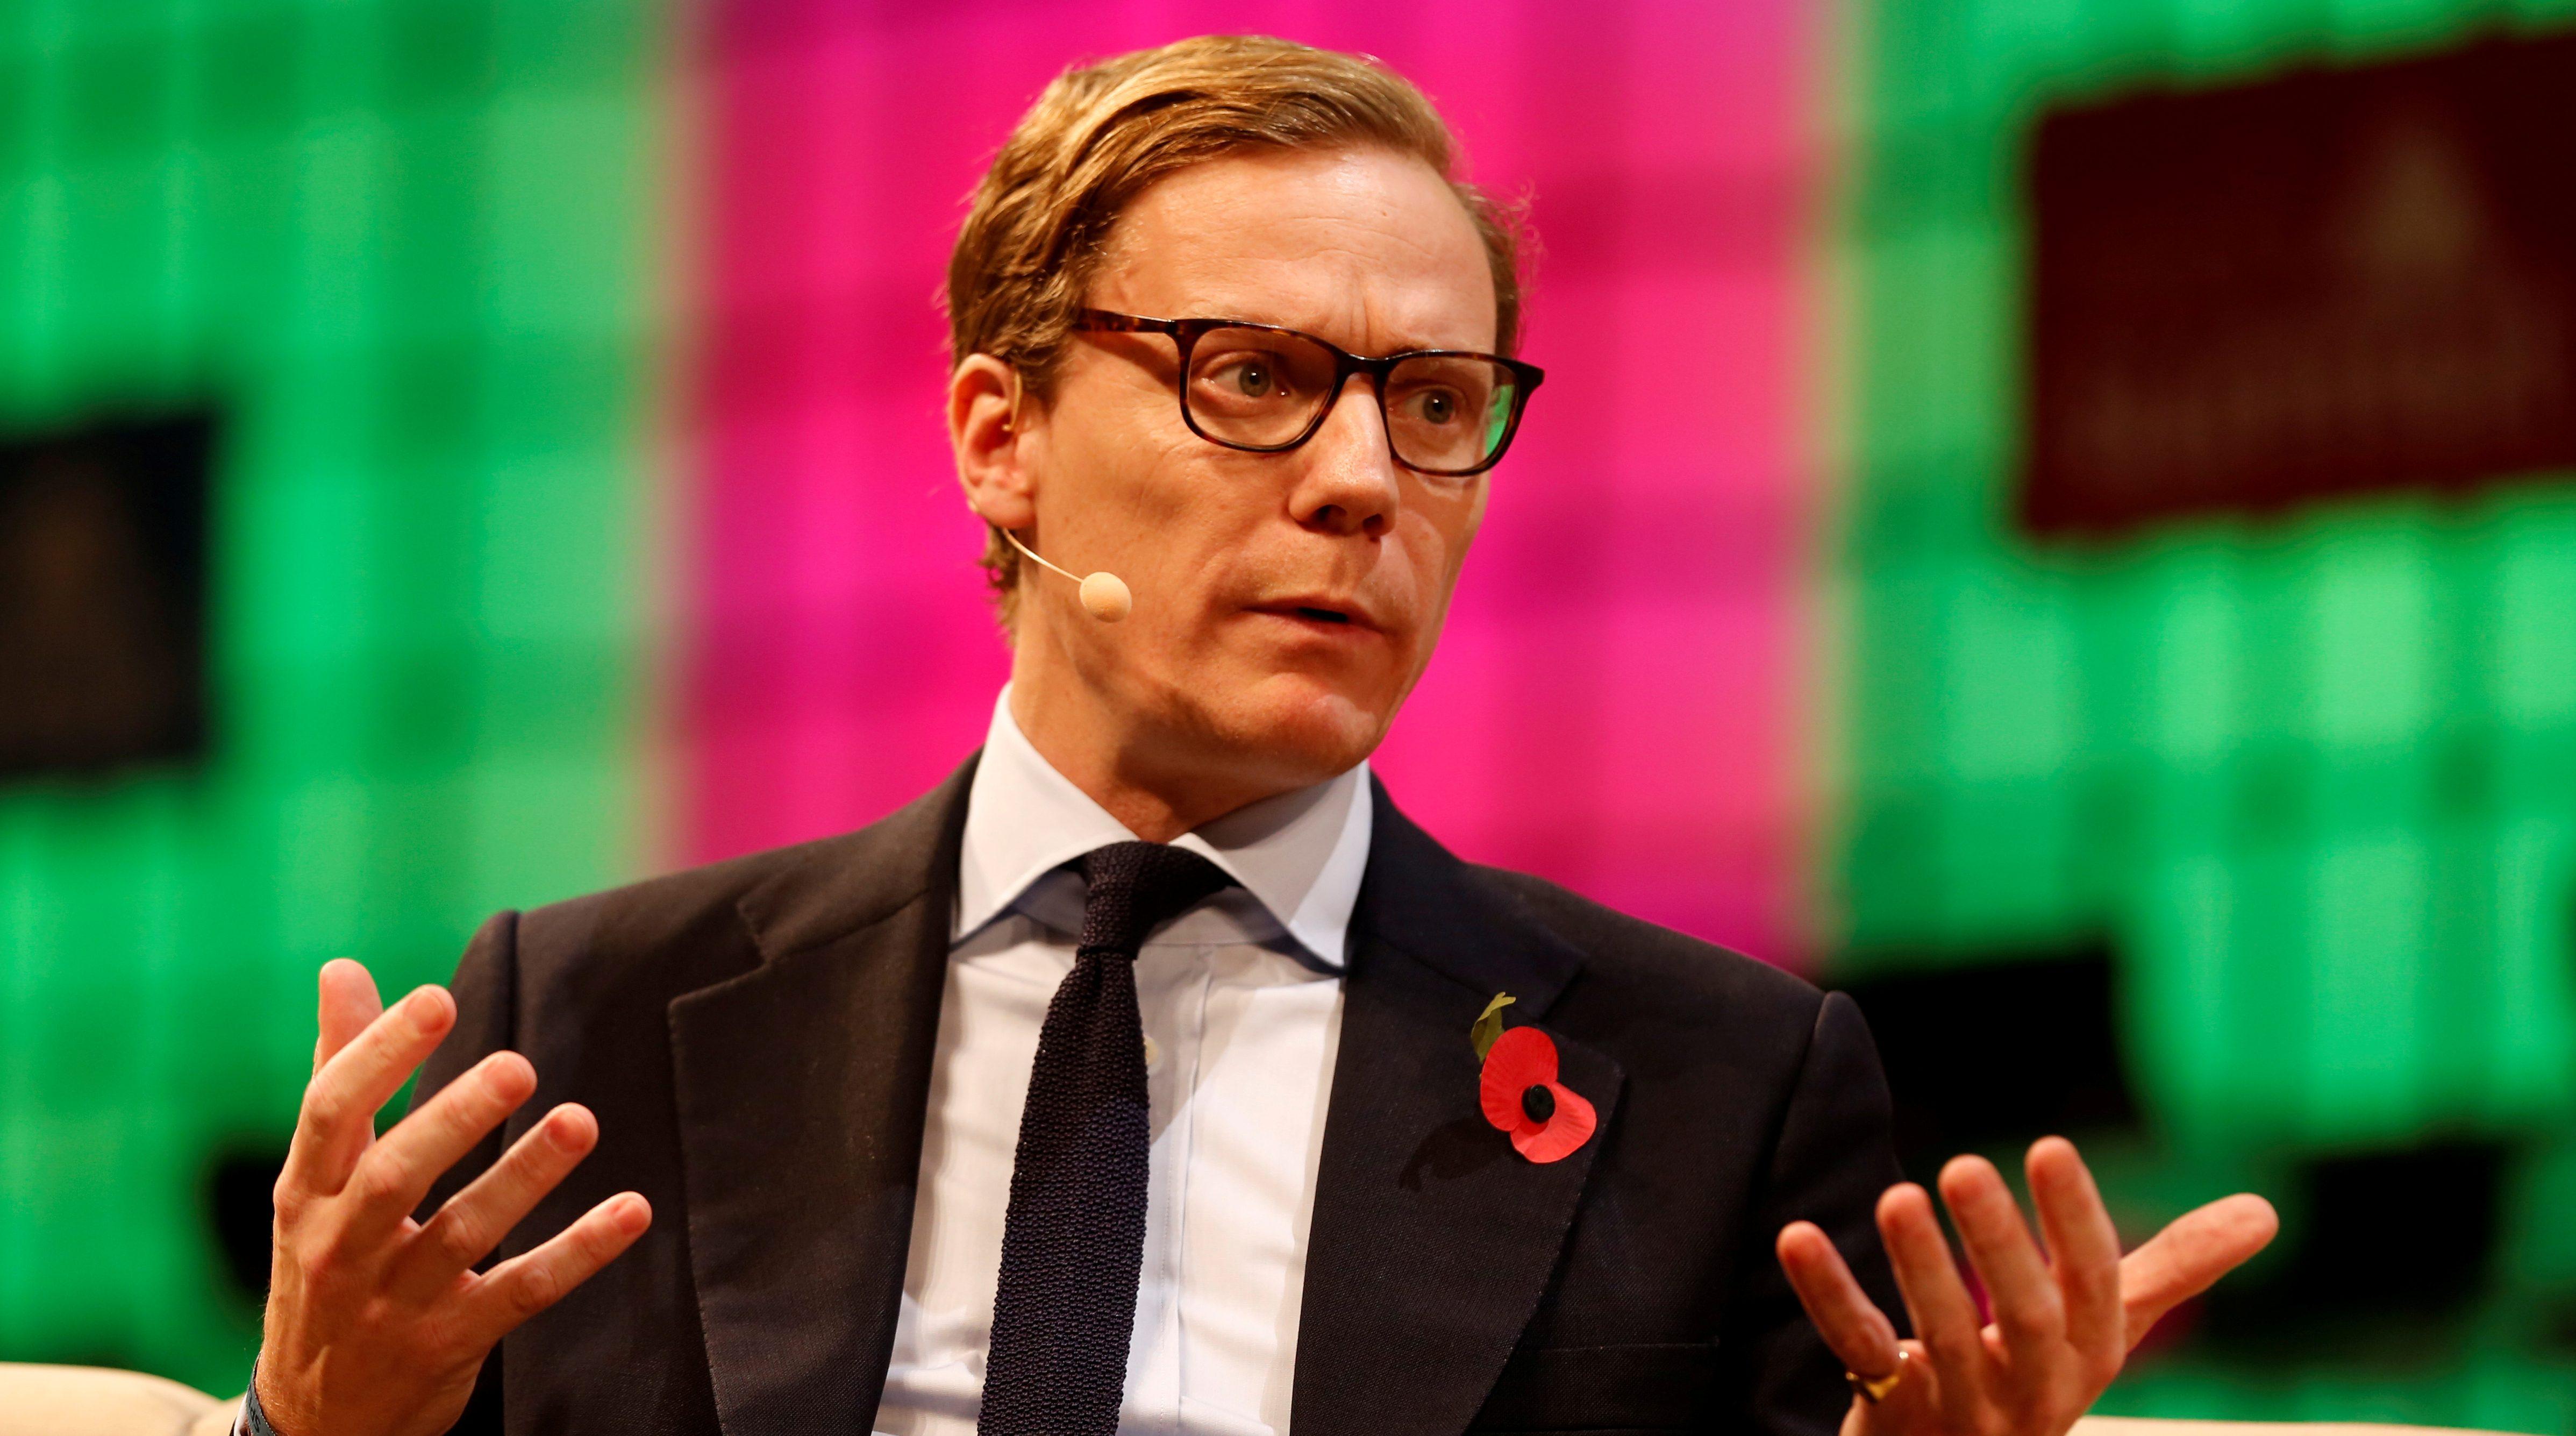 CEO of Cambridge Analytica, Alexander Nix